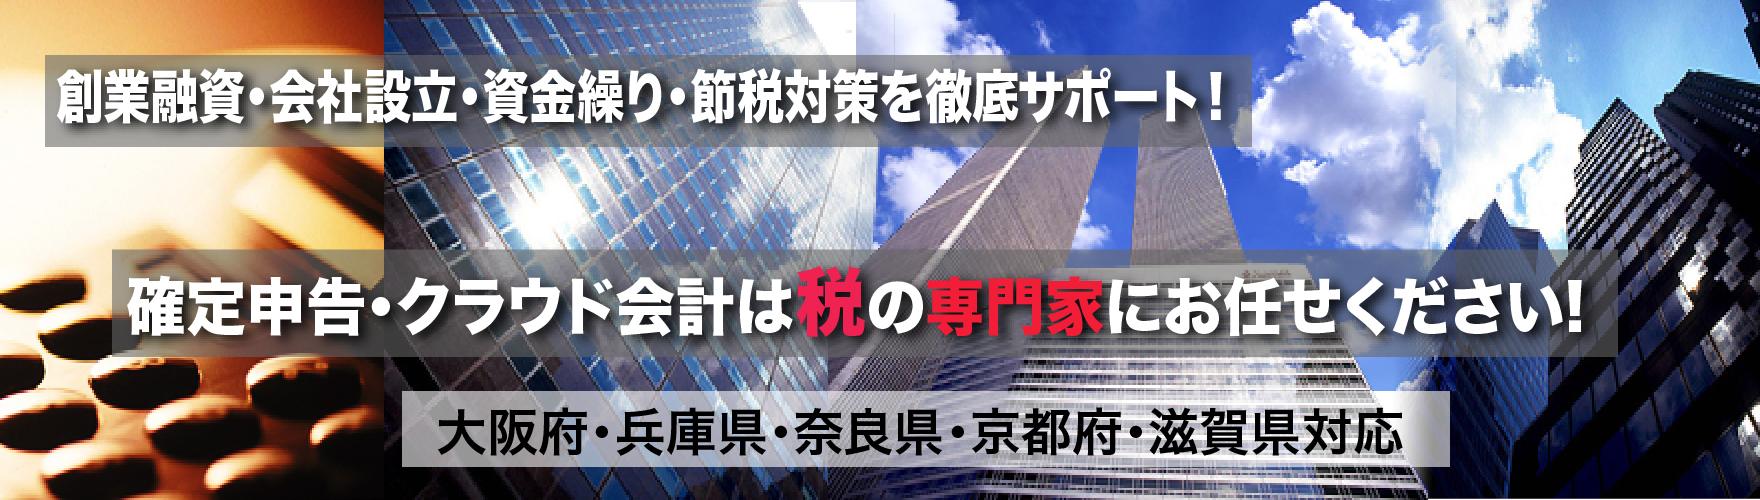 松田税理士事務所-大阪府箕面市